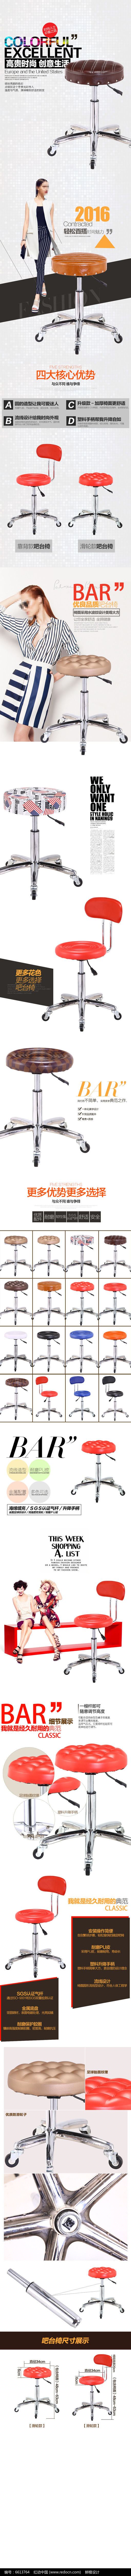 时尚家具吧台椅淘宝详情页设计图片